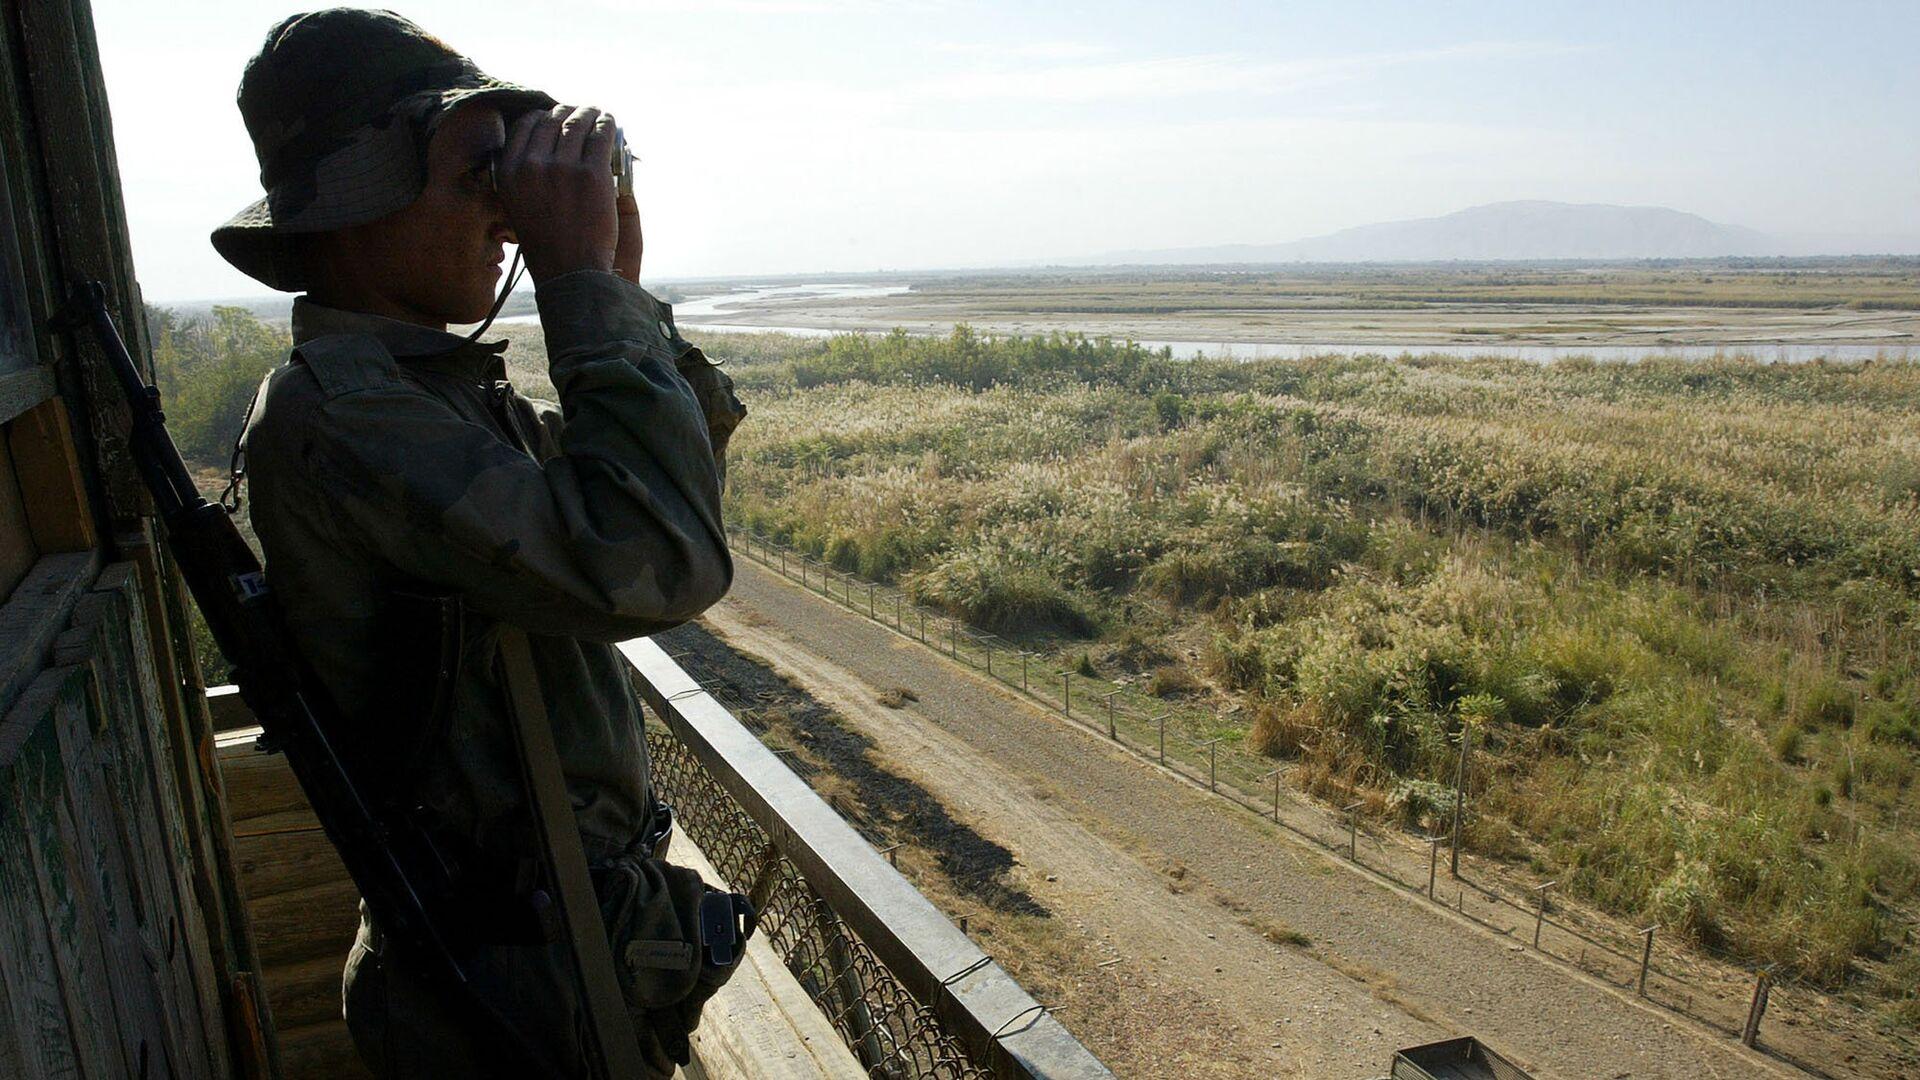 Пограничник на таджикско-афганской границе. Архивное фото - Sputnik Таджикистан, 1920, 13.08.2021